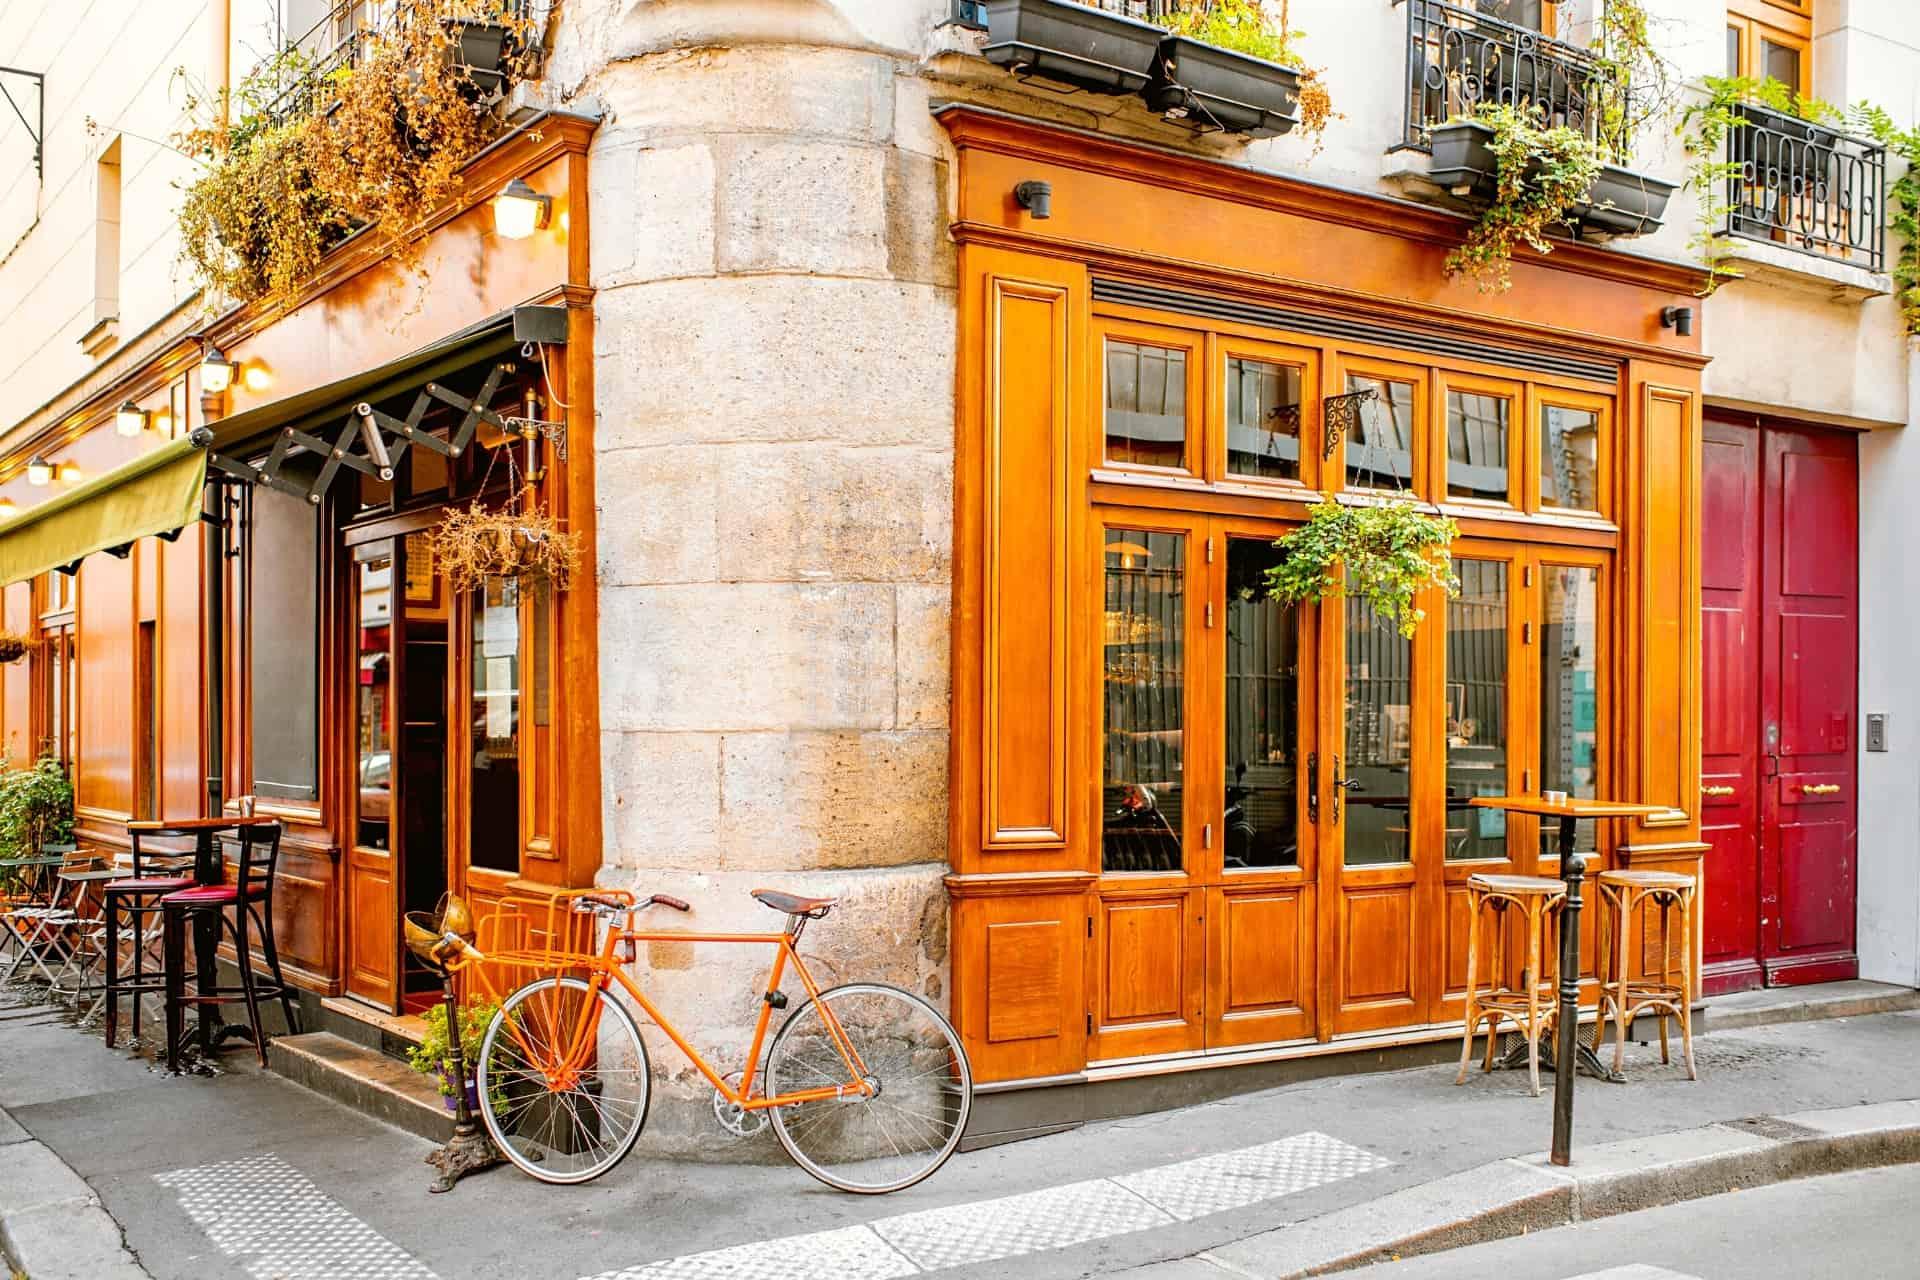 shopfront-bicycle-street-paris-france-AFLS-400Languages